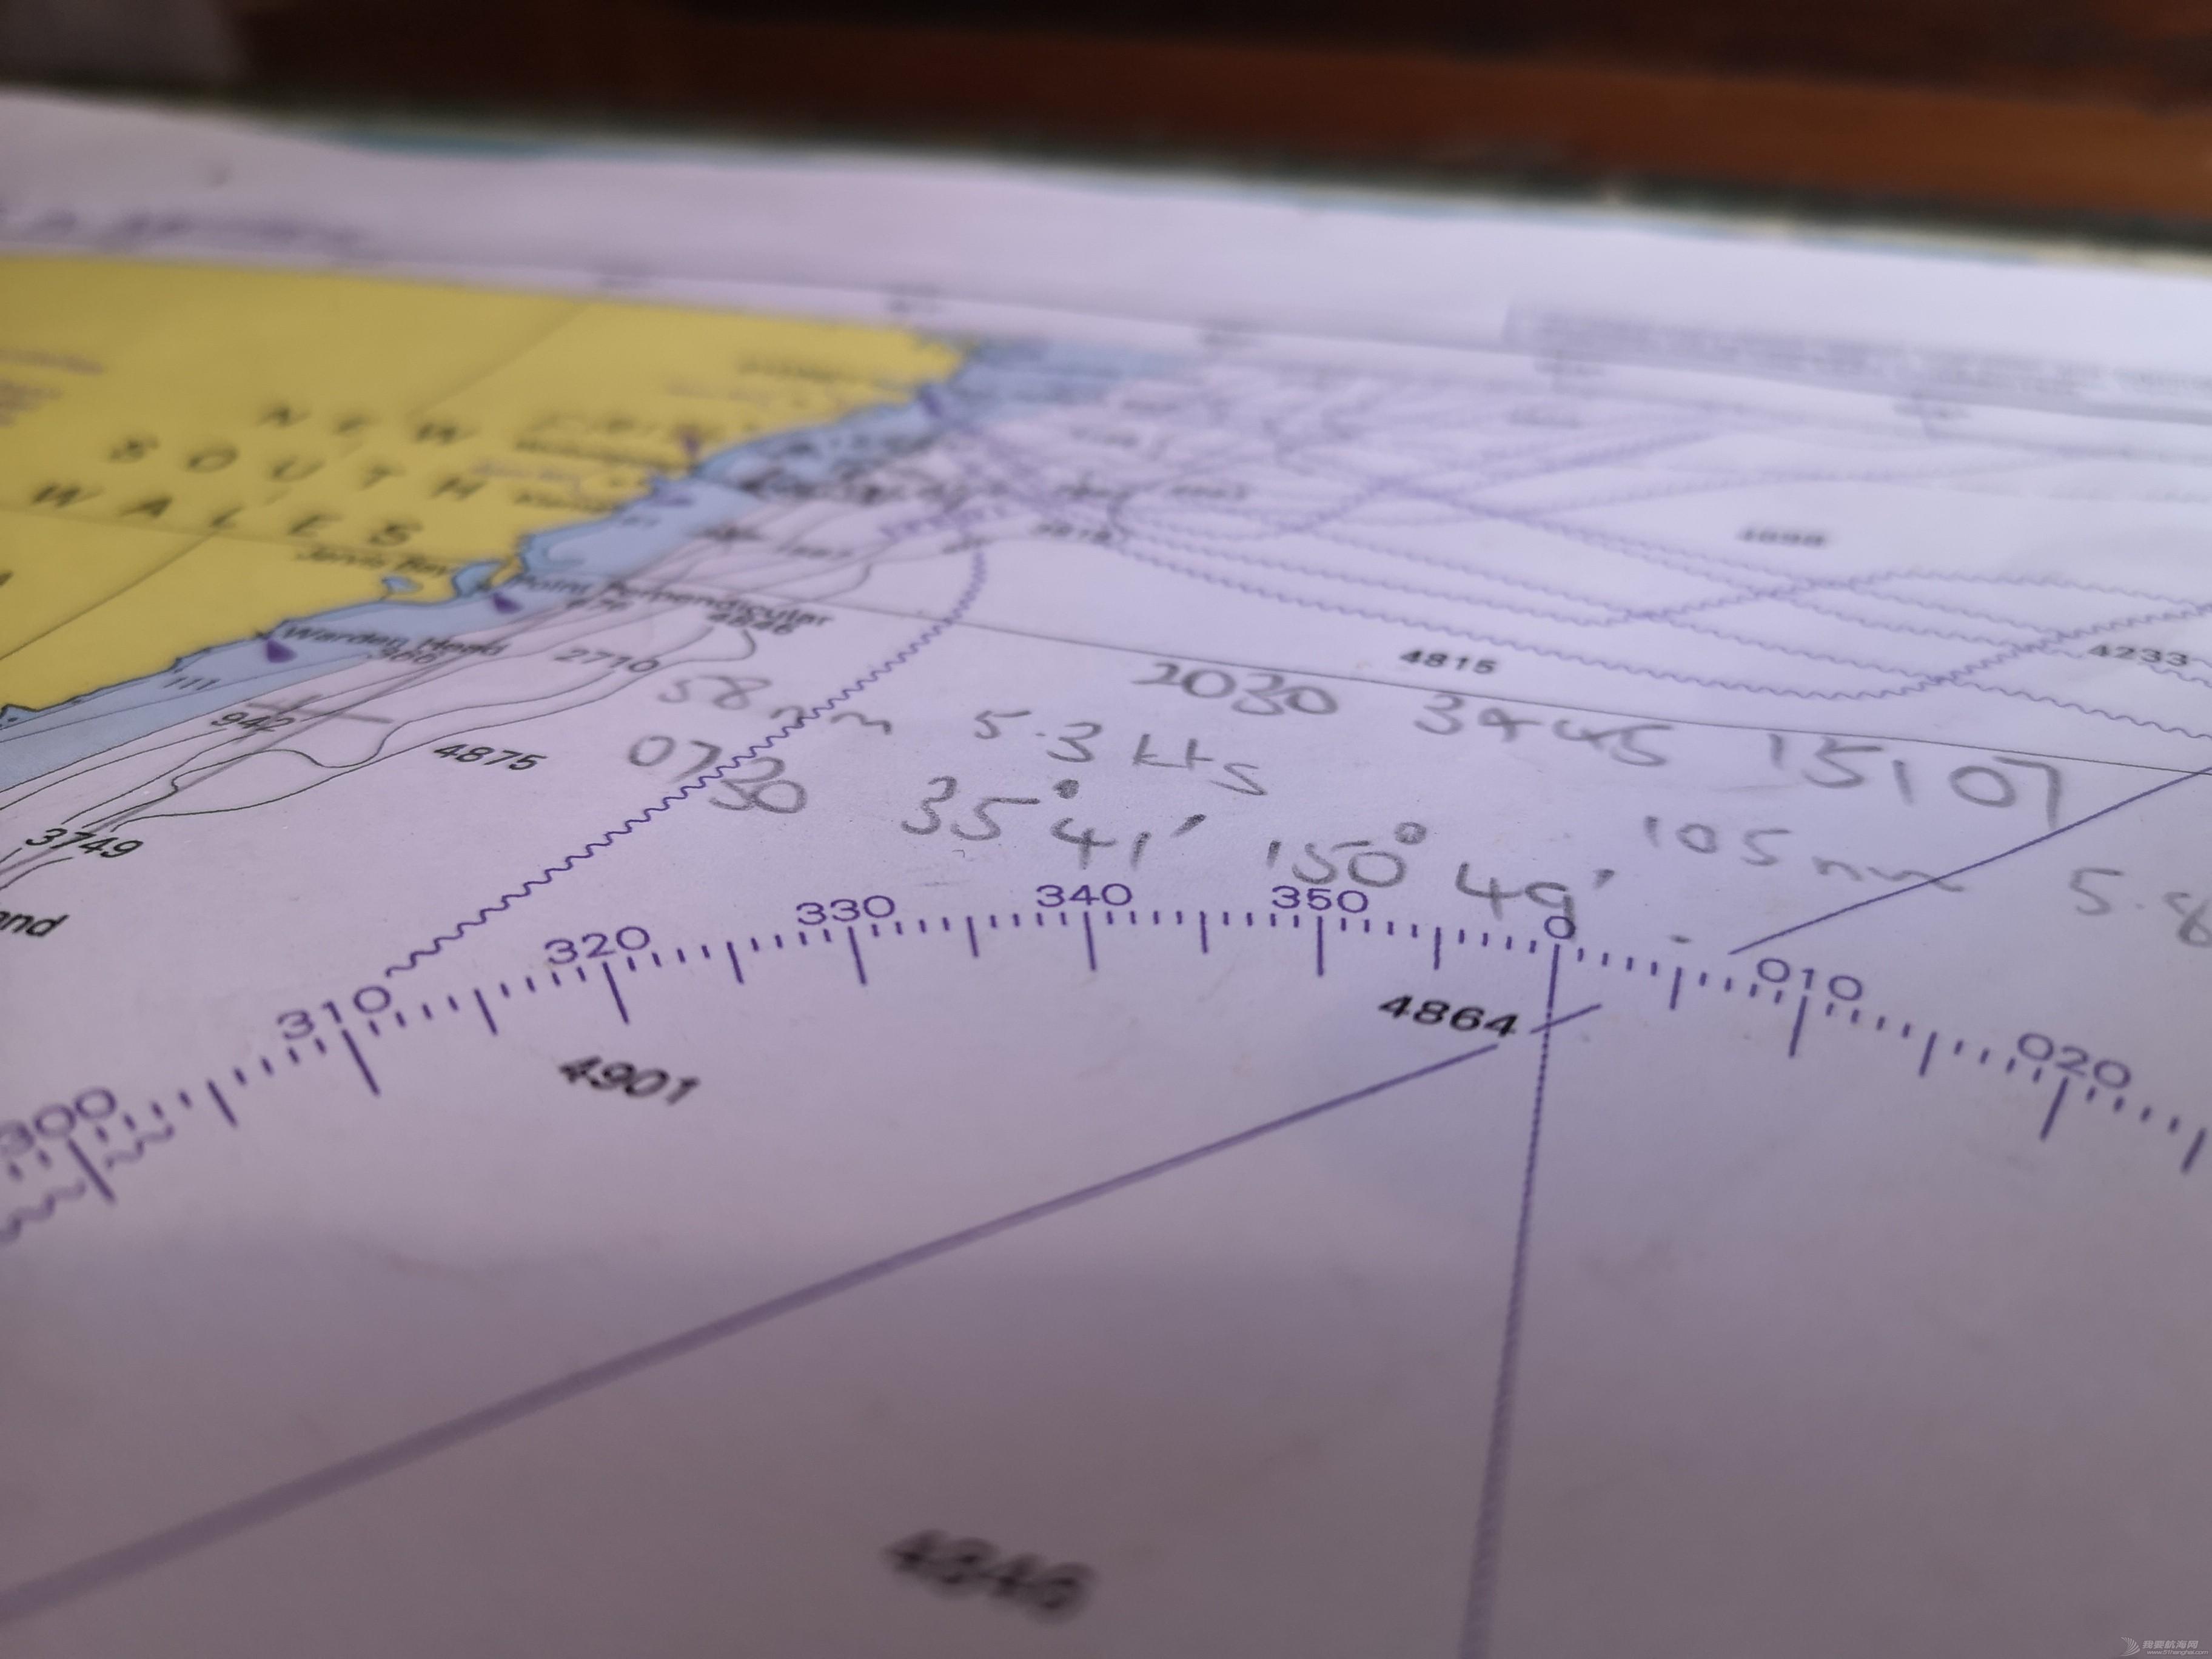 【海上日记】劳力士悉尼霍巴特75周年帆船赛第二天